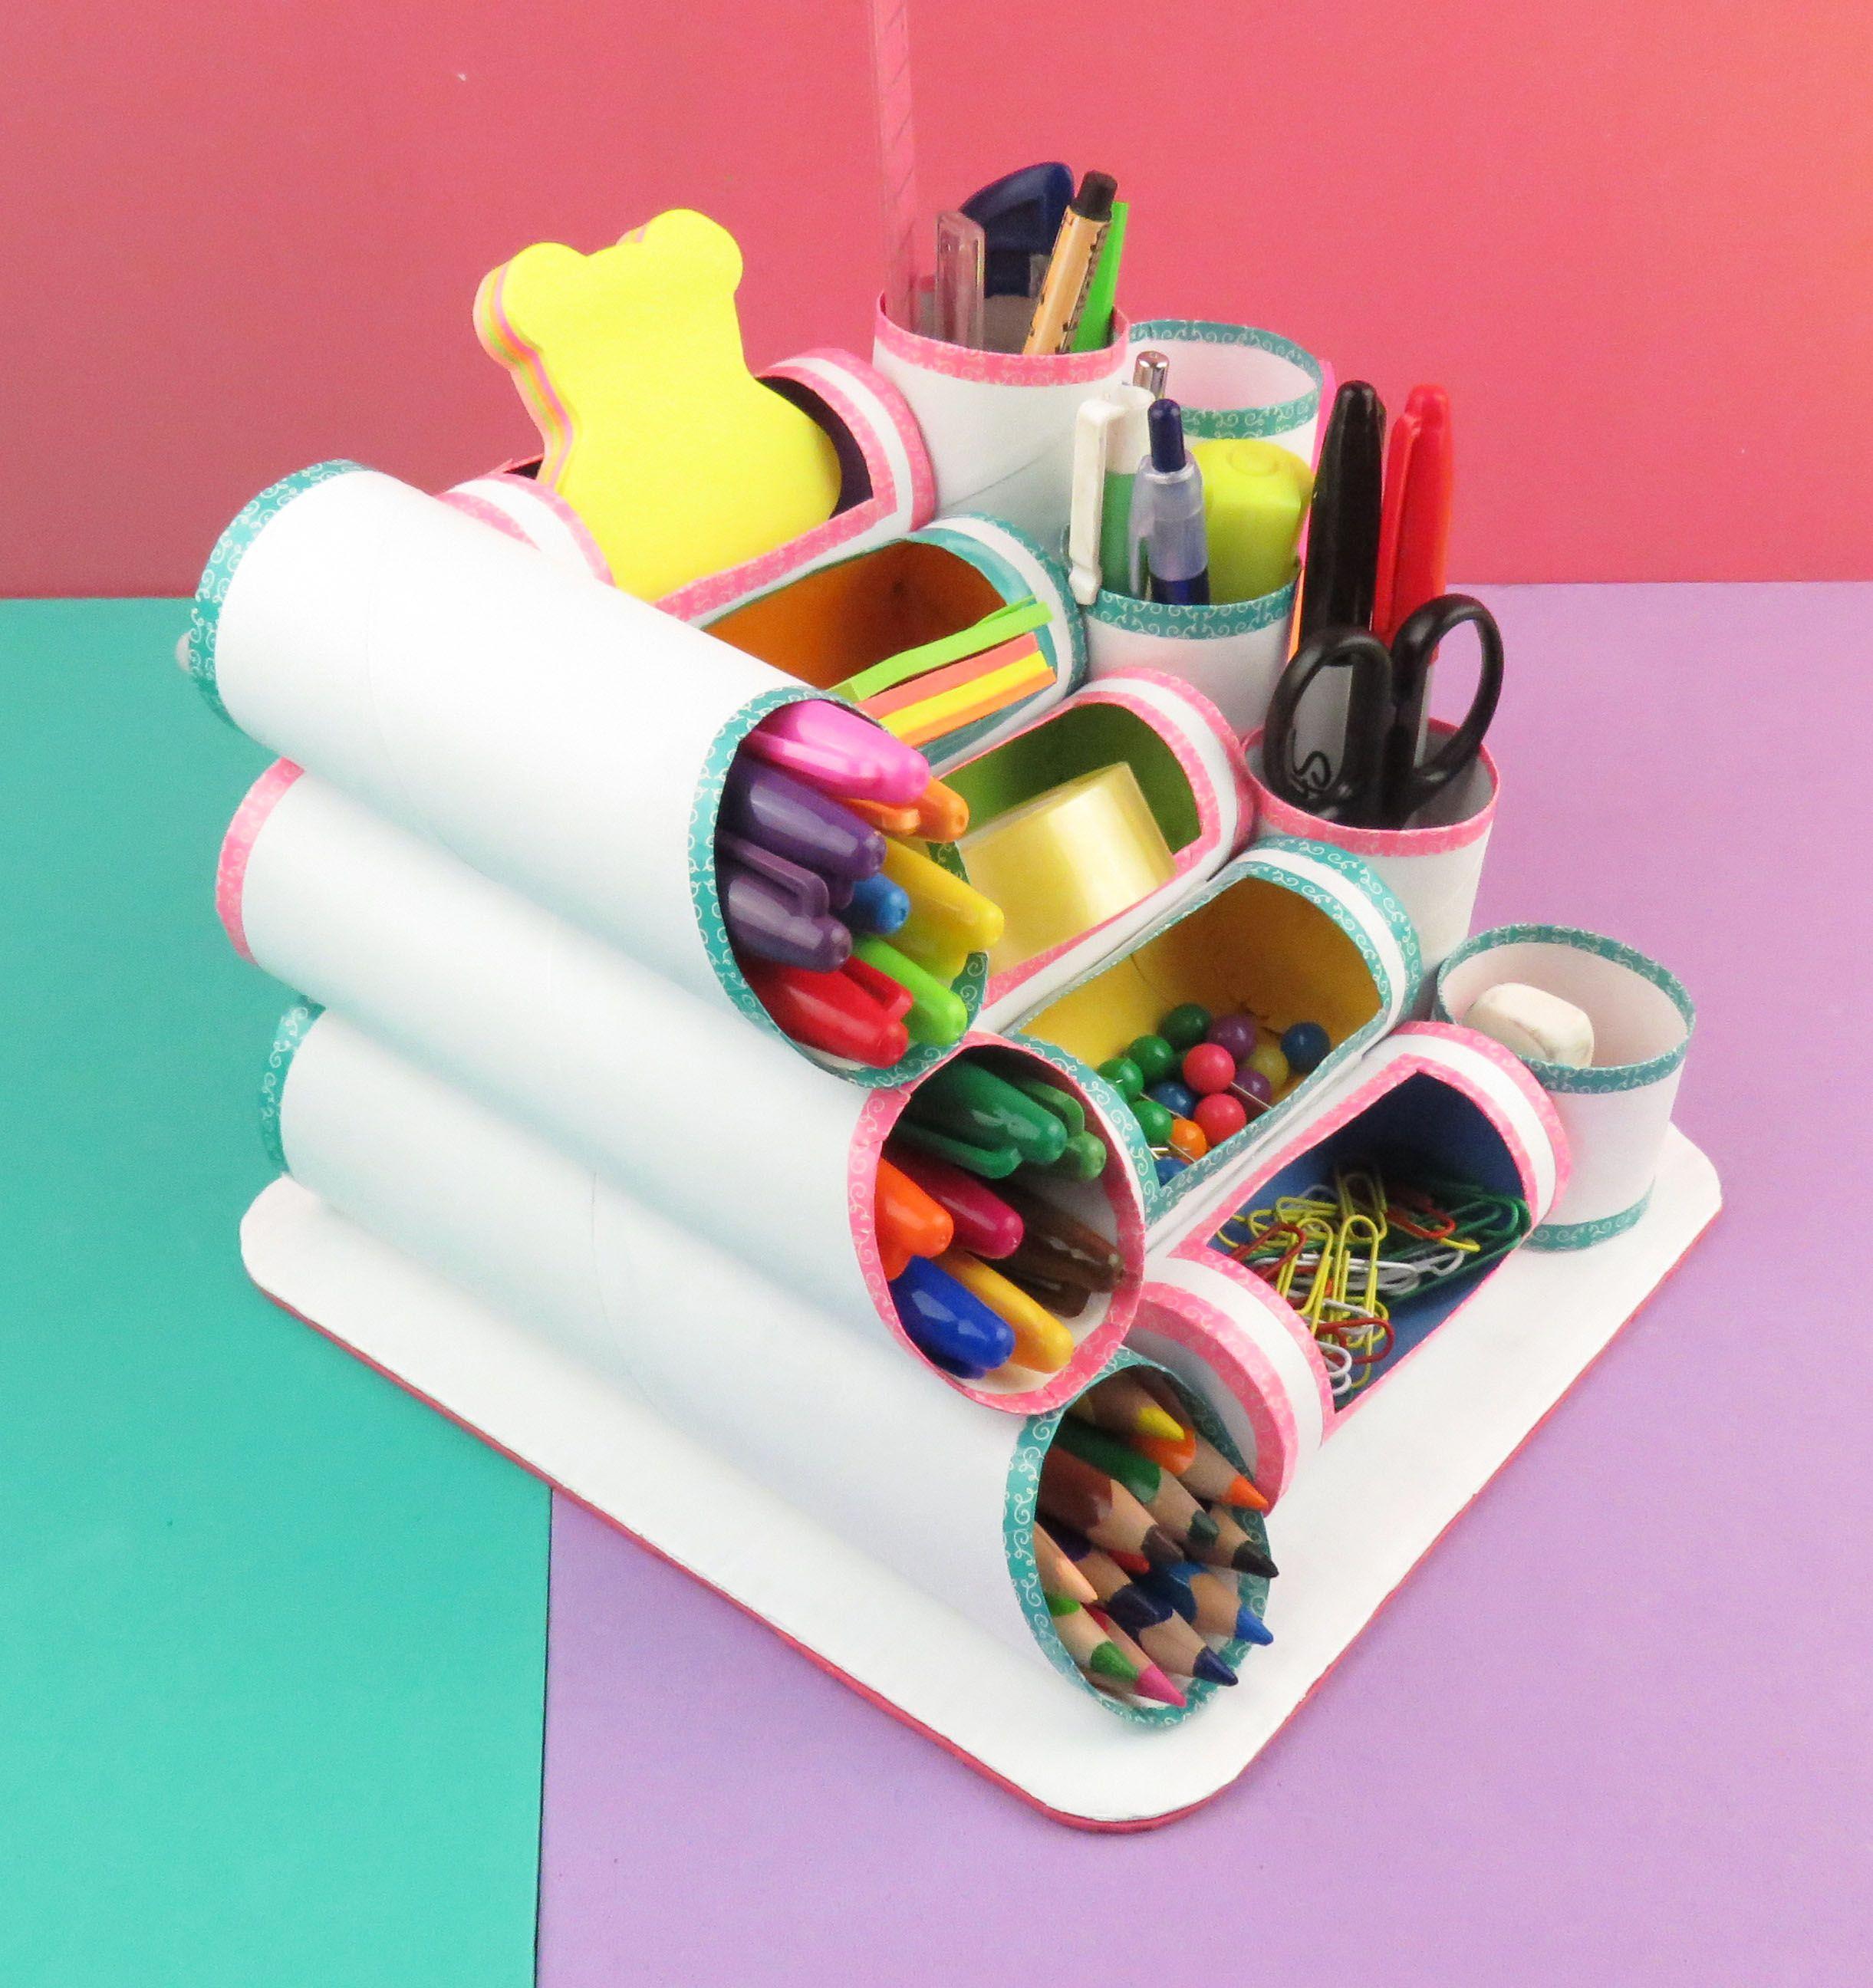 MINI ORGANIZADOR con Rollos de papel Higiénico o Cocina | Rollos de ...